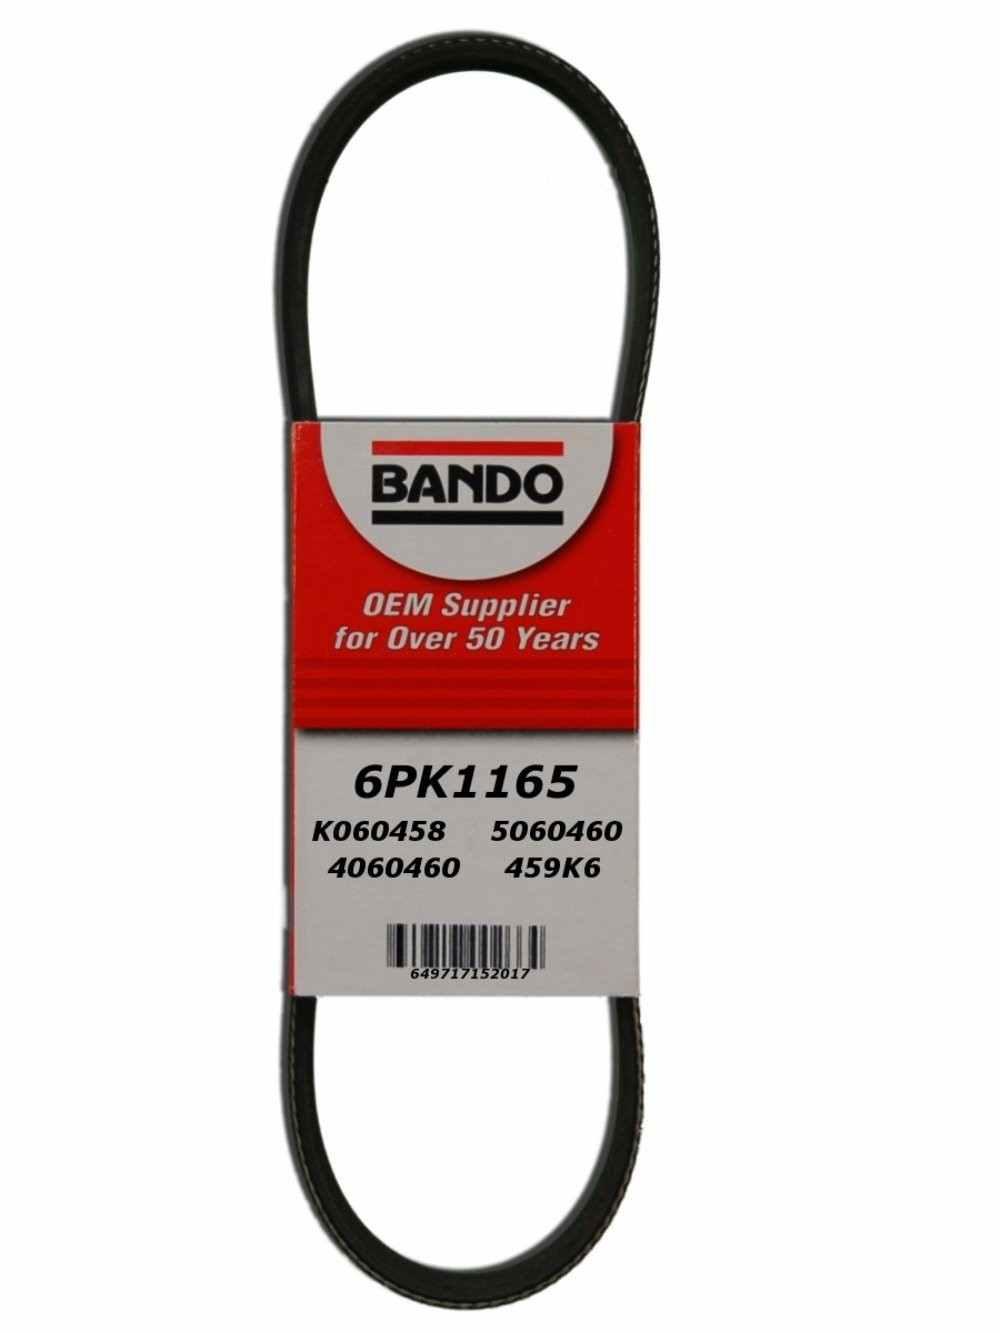 BANDO - Serpentine Belt (Alternator and Compressor) - BWO 6PK1165